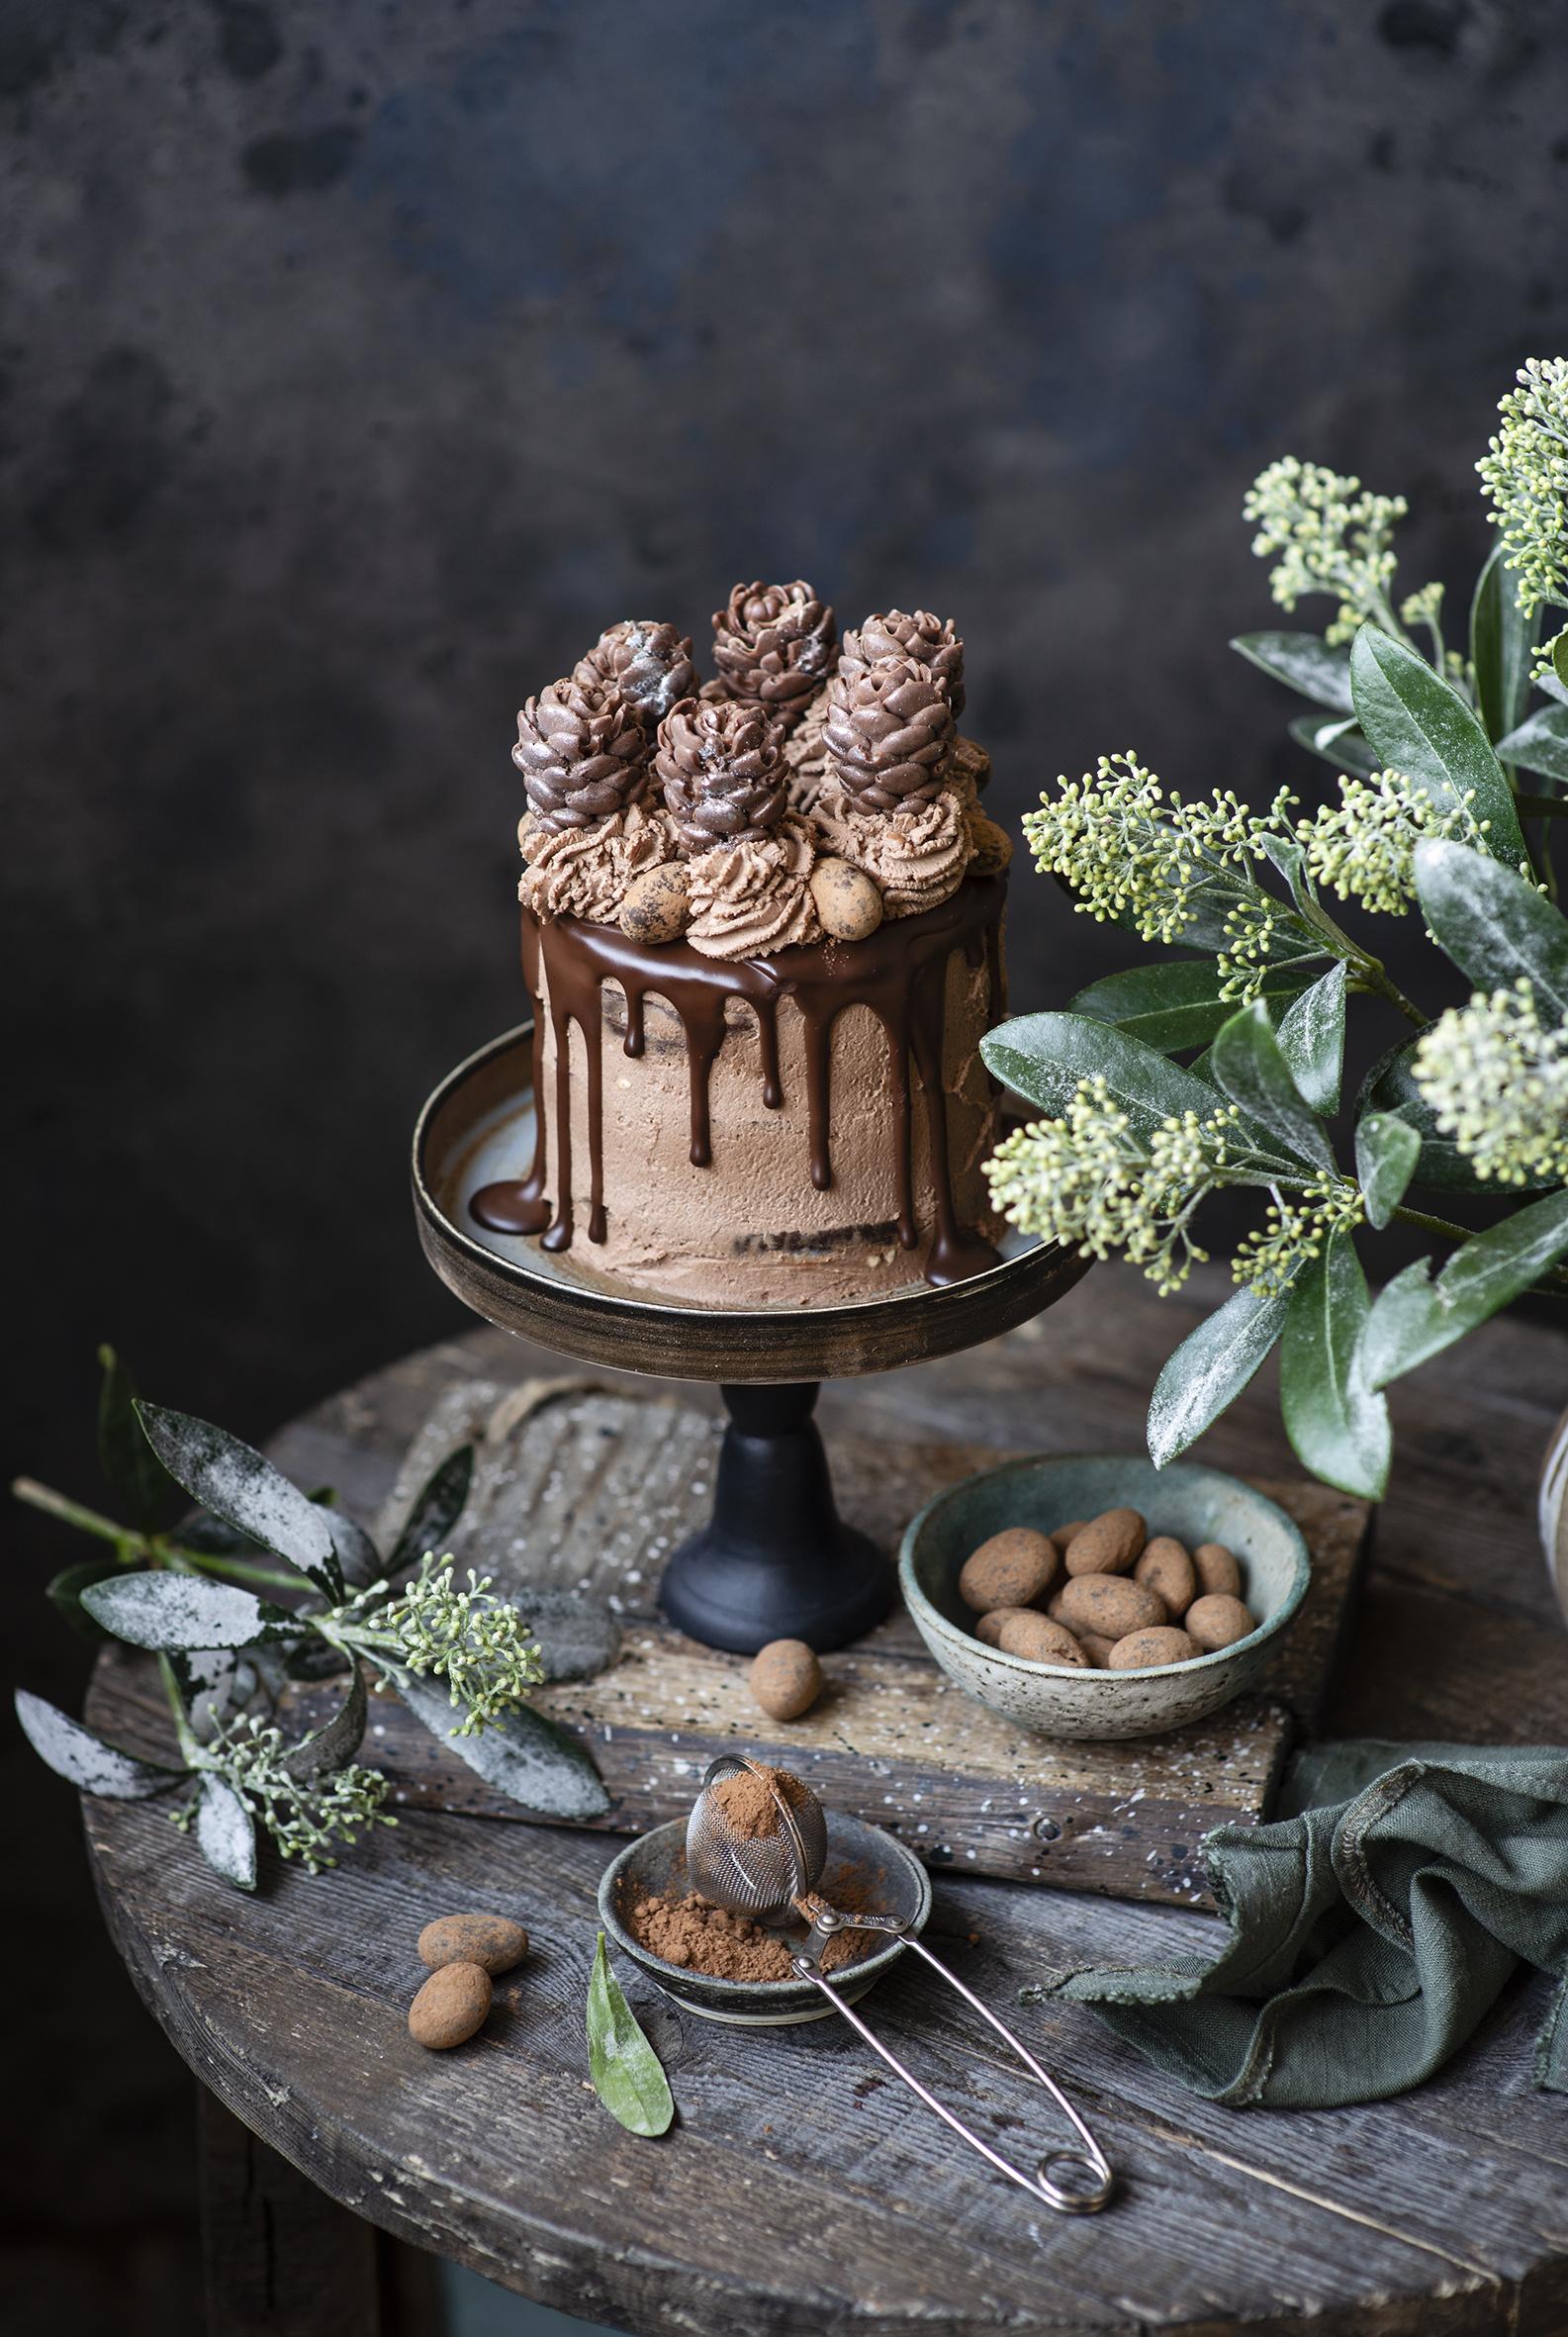 Фото Шоколад Торты Какао порошок Еда Сладости дизайна  для мобильного телефона Пища Продукты питания сладкая еда Дизайн